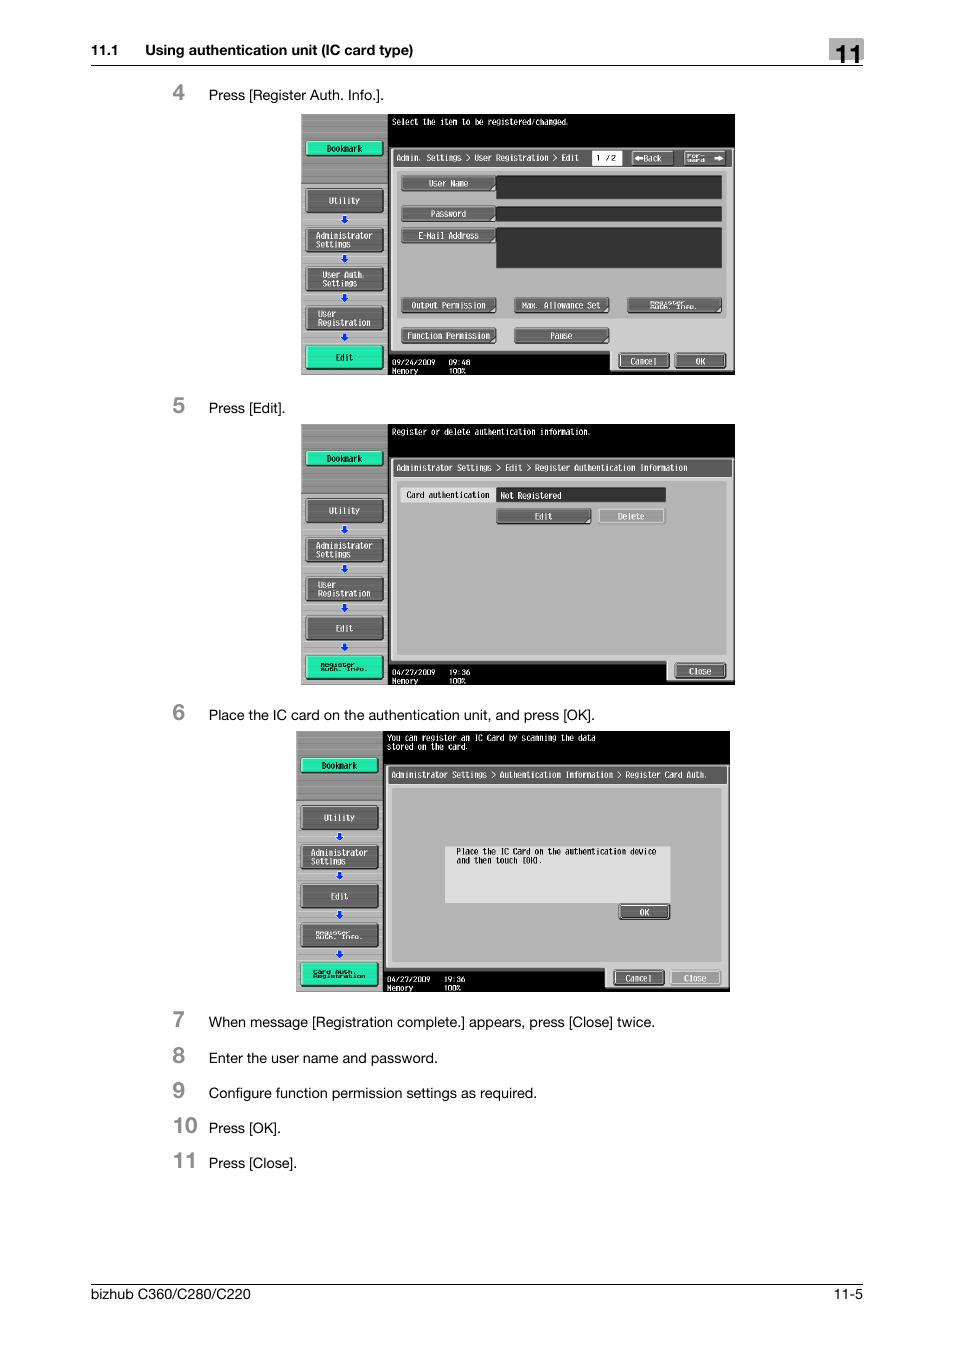 konica minolta bizhub c360 user manual page 238 285 original rh manualsdir com Konica Minolta Bizhub C360 Manual konica c280 user manual